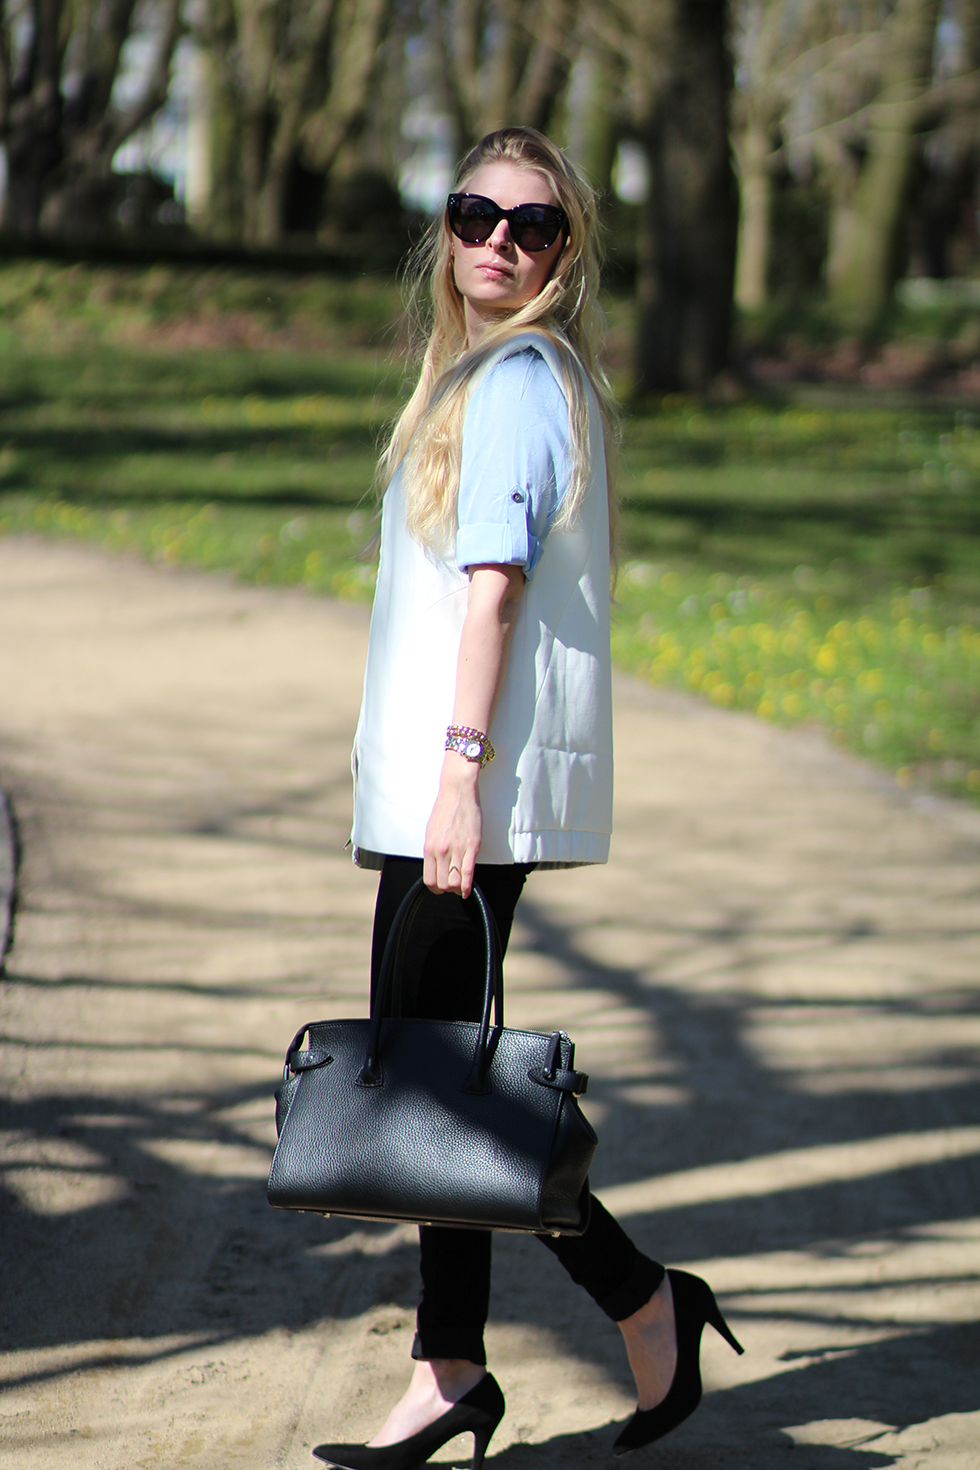 Babyblå skjorte Sparkz Inwear vest sommer solskin Herning golfbane hvidløgsflutes grillaften kæresteaften Amy Dyrholm modeblog fashion global funk jeans sol